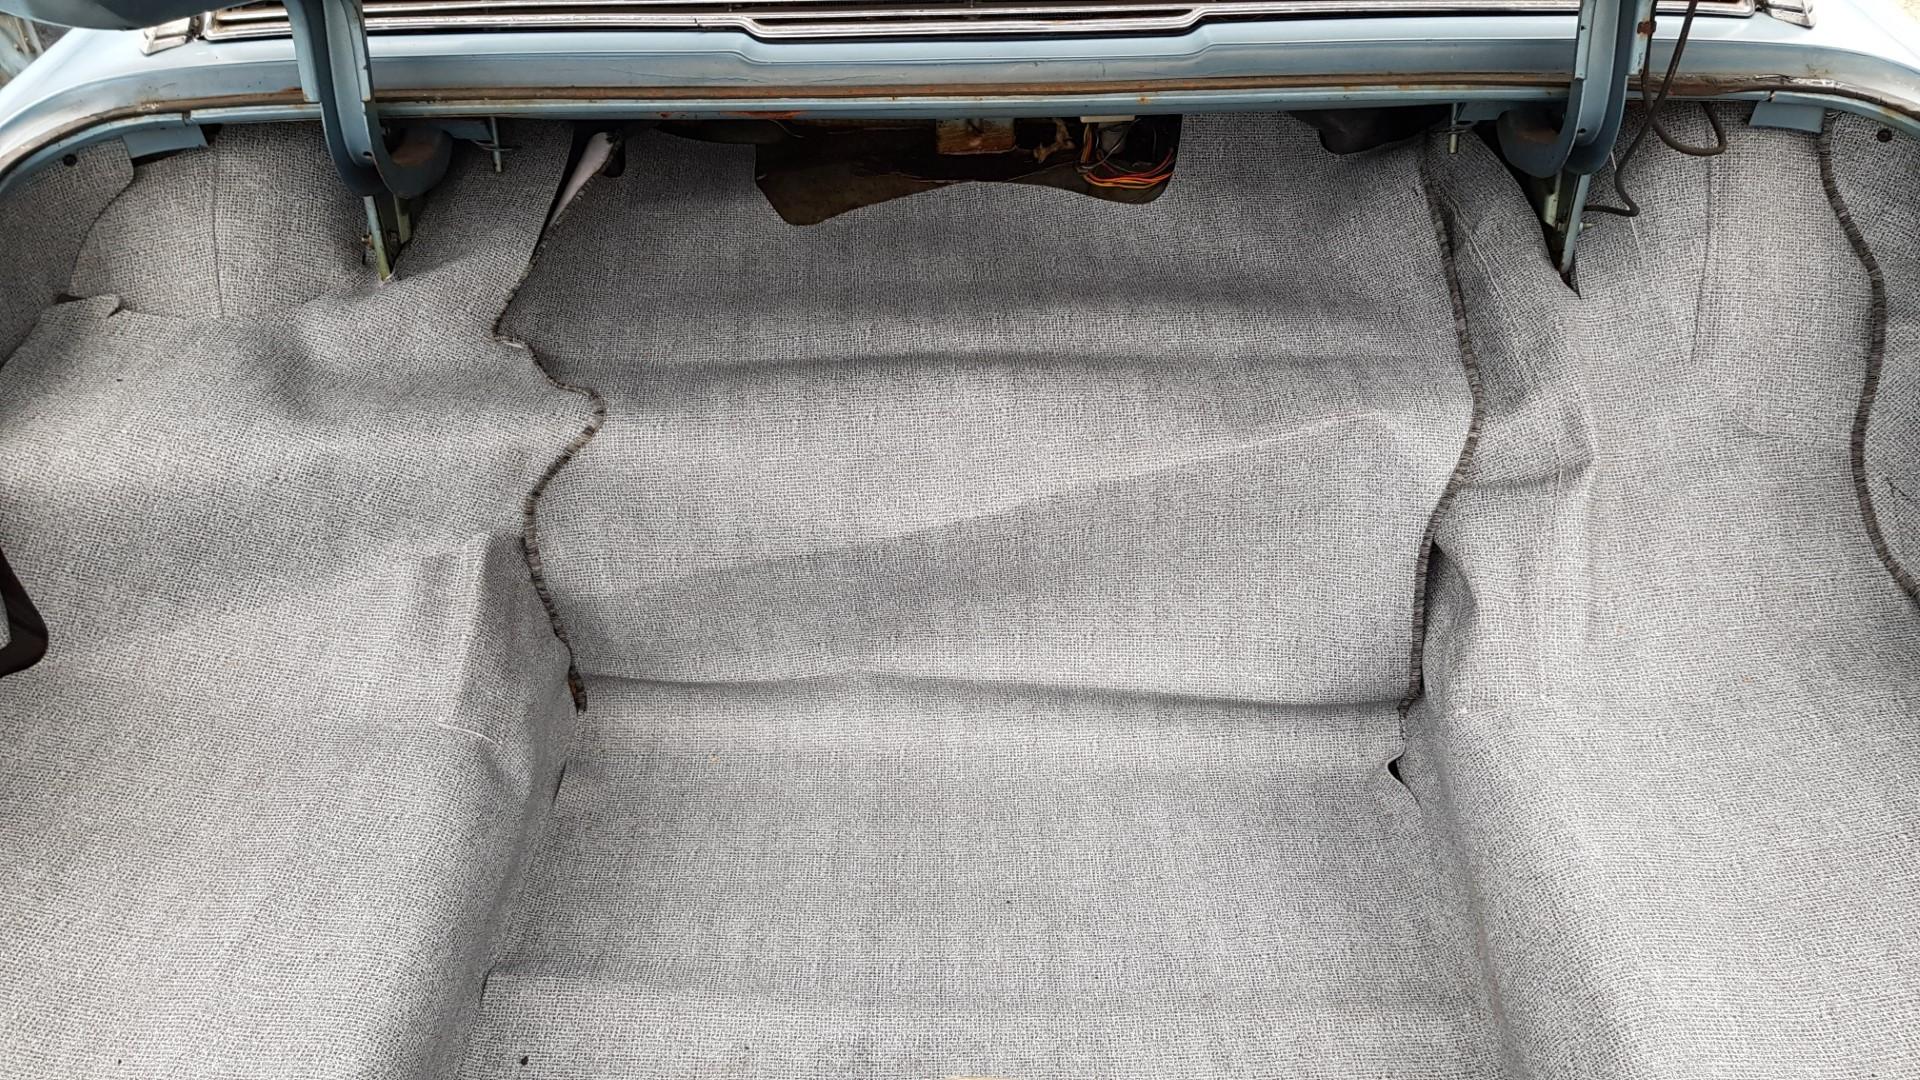 1965 Ford Thunderbird Hardtop 390ci FE (19)